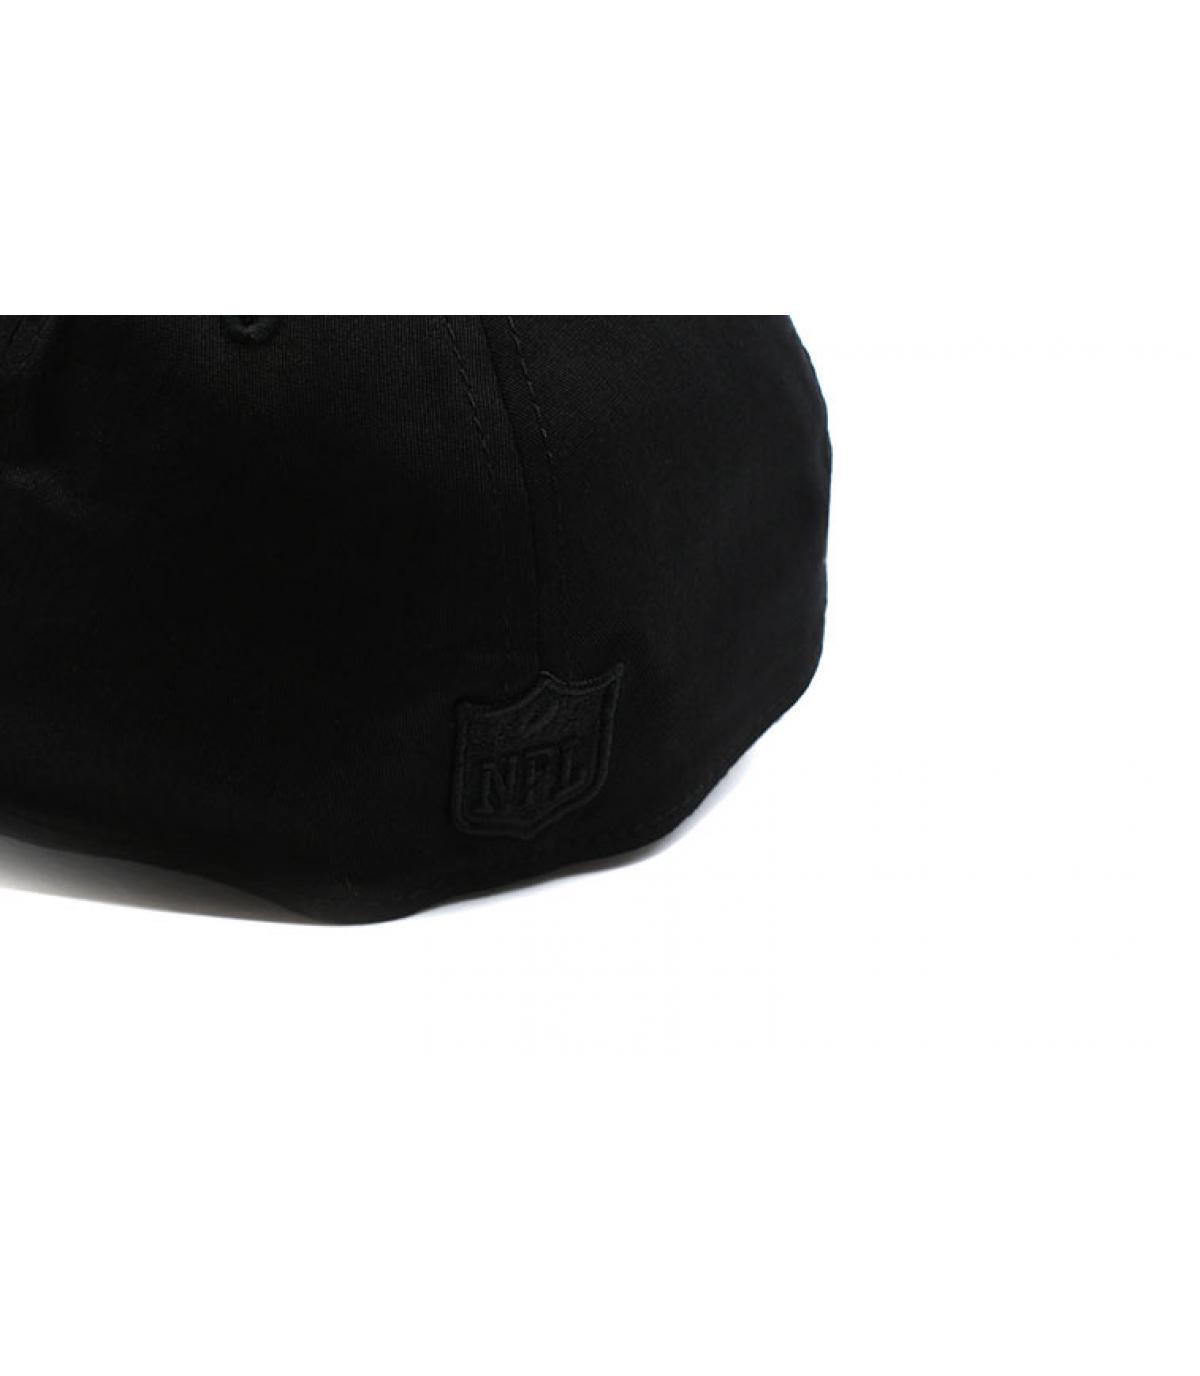 Détails Casquette Raiders Black On Black 39Thirty - image 5